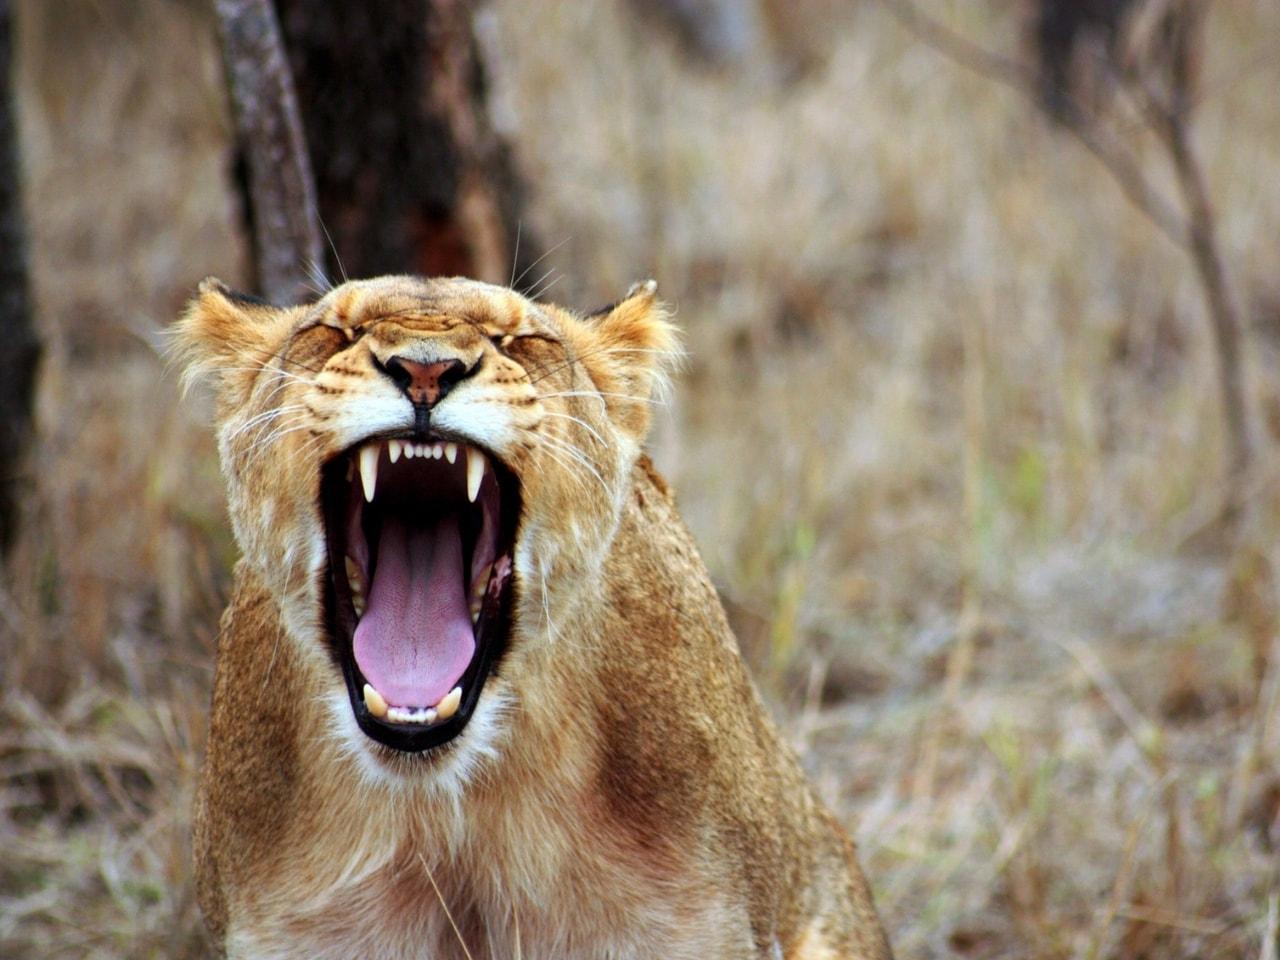 感情をコントロールできずに吠える虎